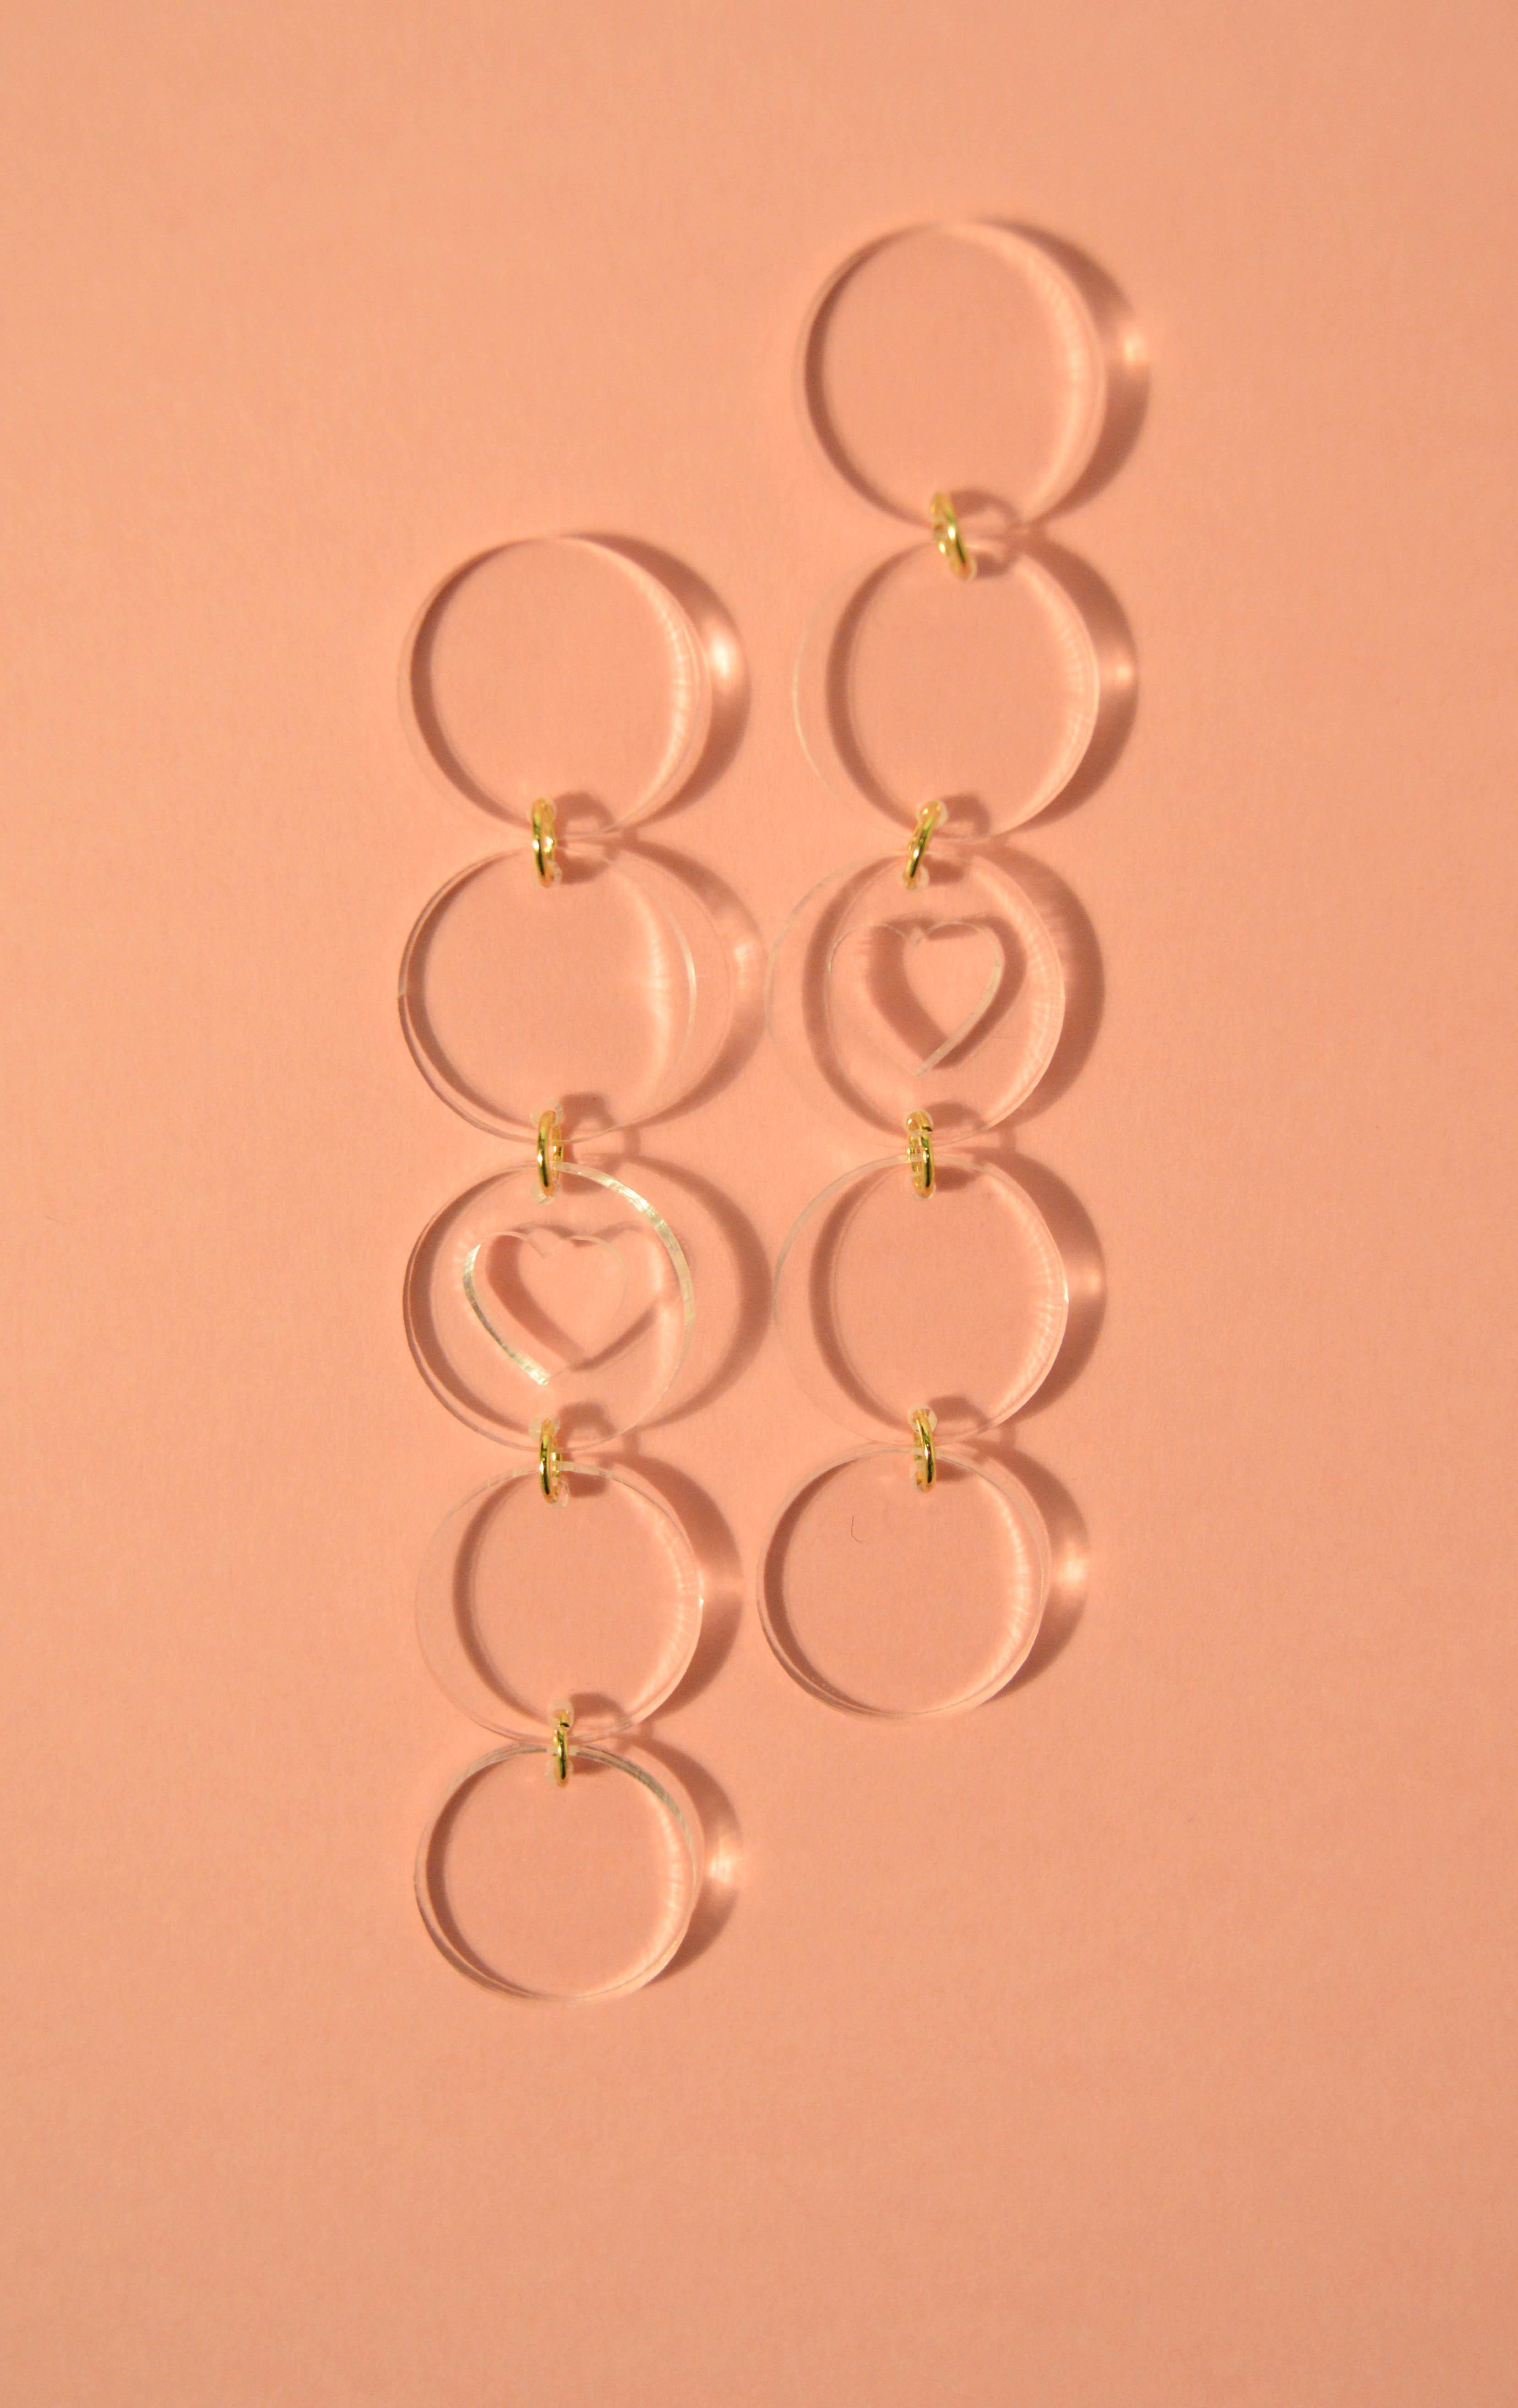 Boucles d'oreilles Paulette Coeur Transparent - KITX Laboratoire d'excentricité